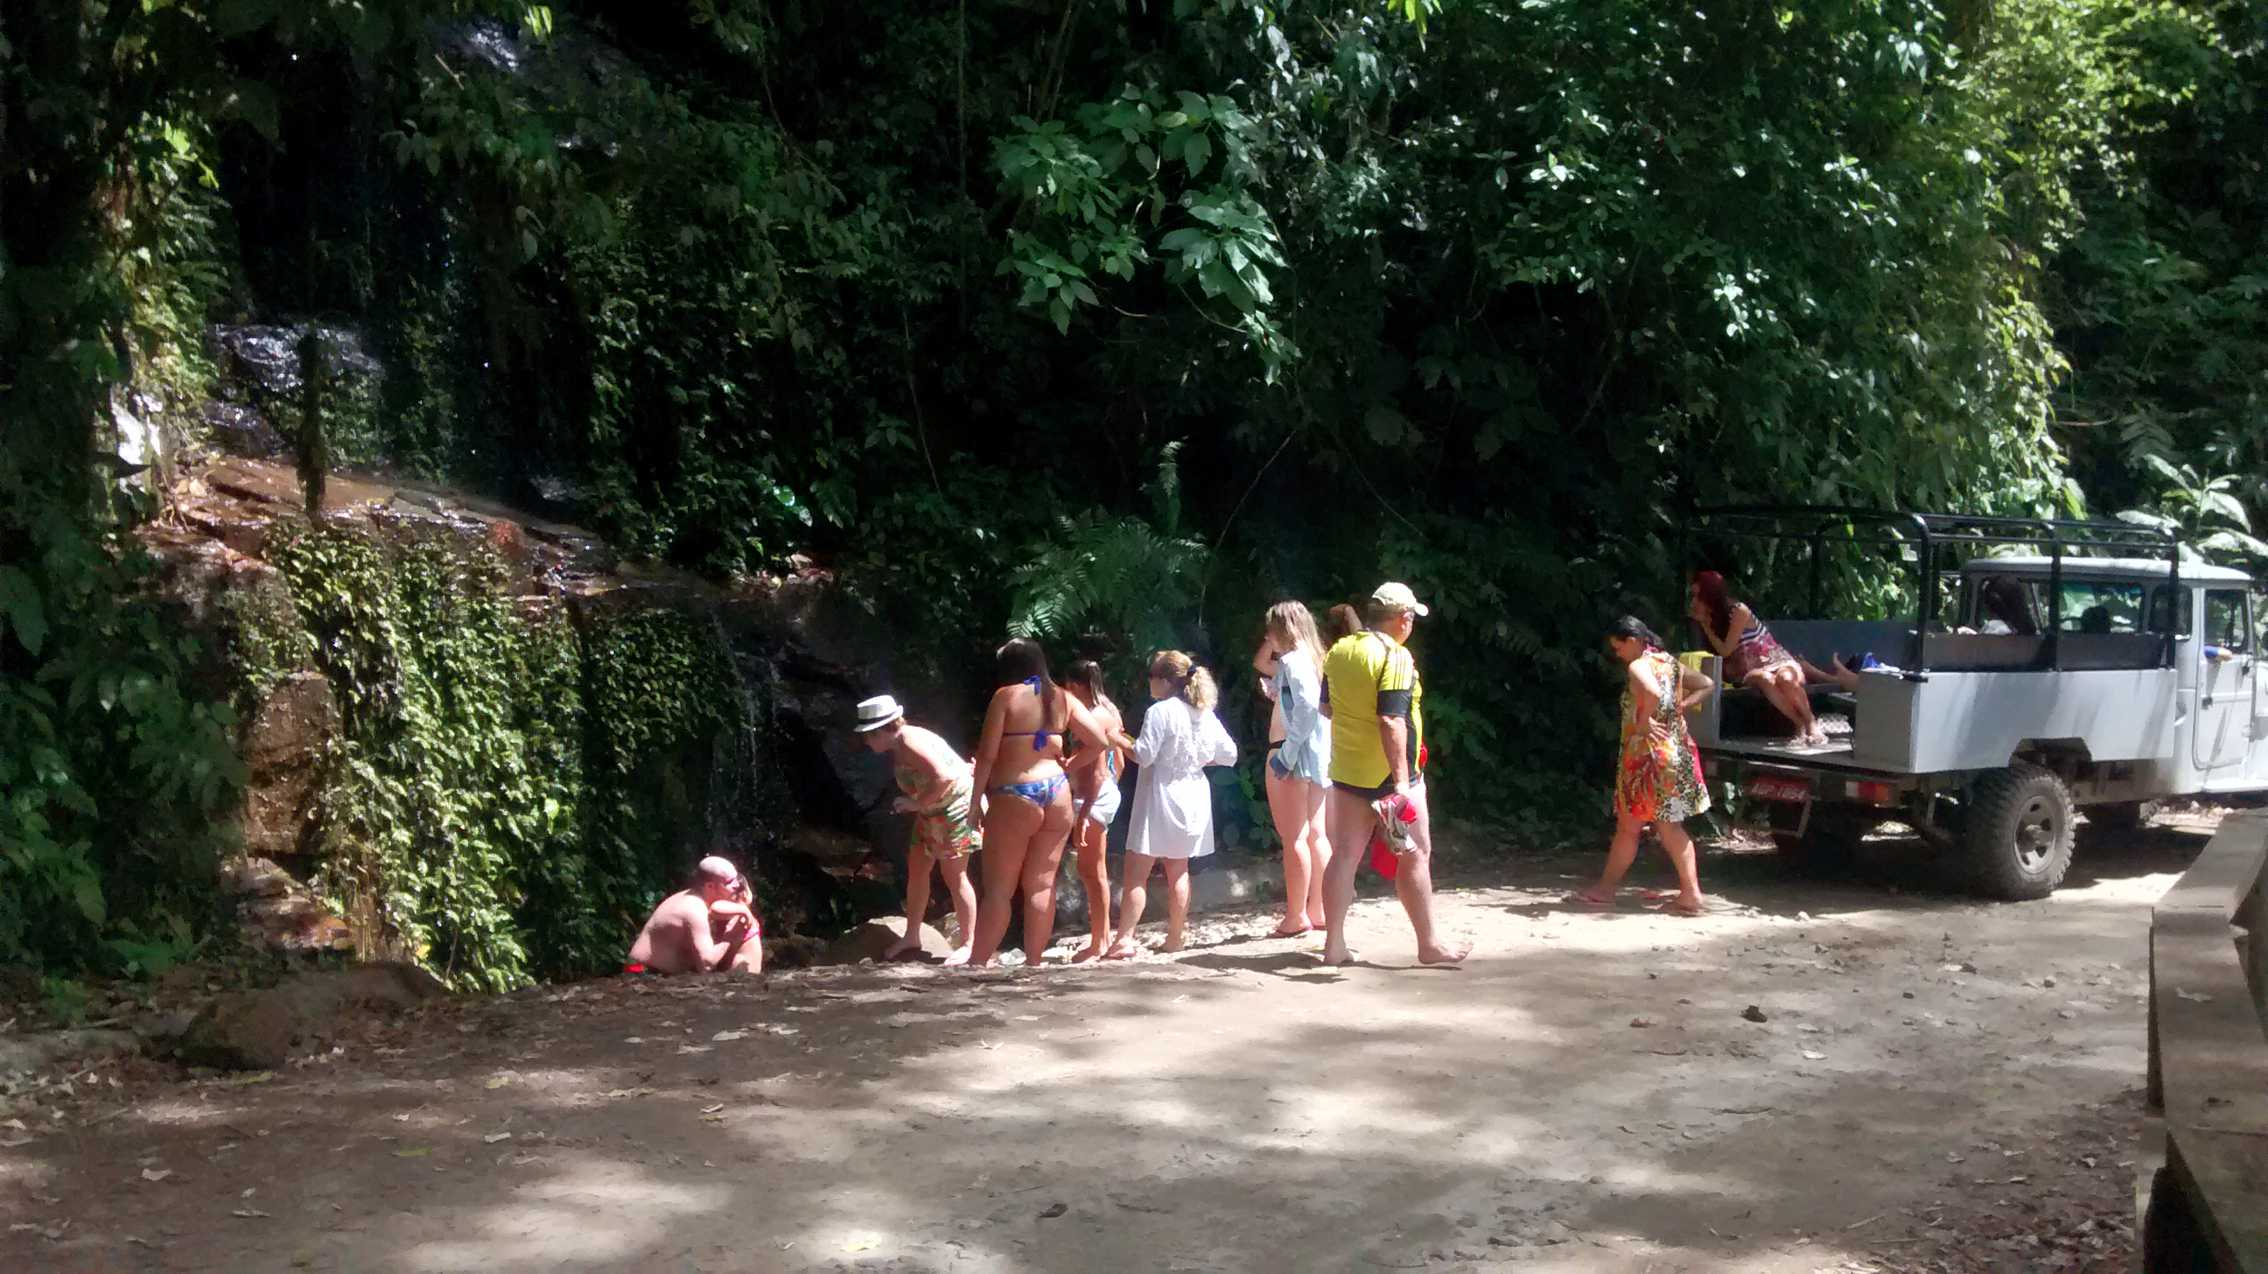 Passeio em Ilhabela banho no chuveirinho (2).jpg